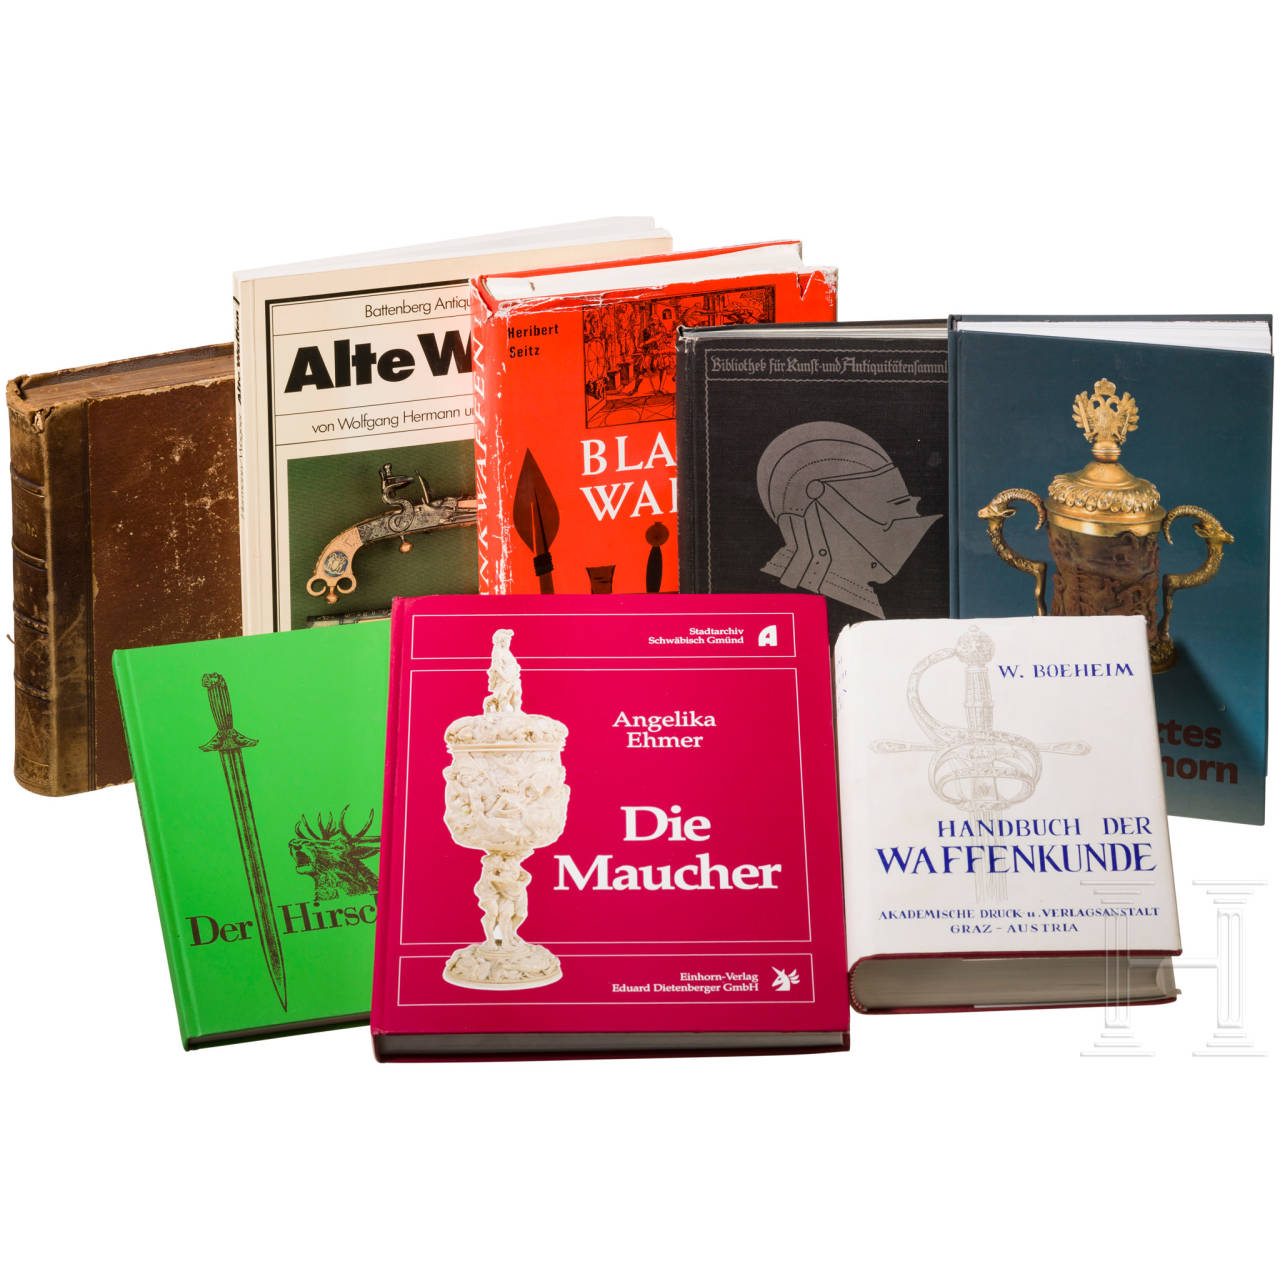 Acht Bücher zum Thema Alte Waffen und Kunsthandwerk